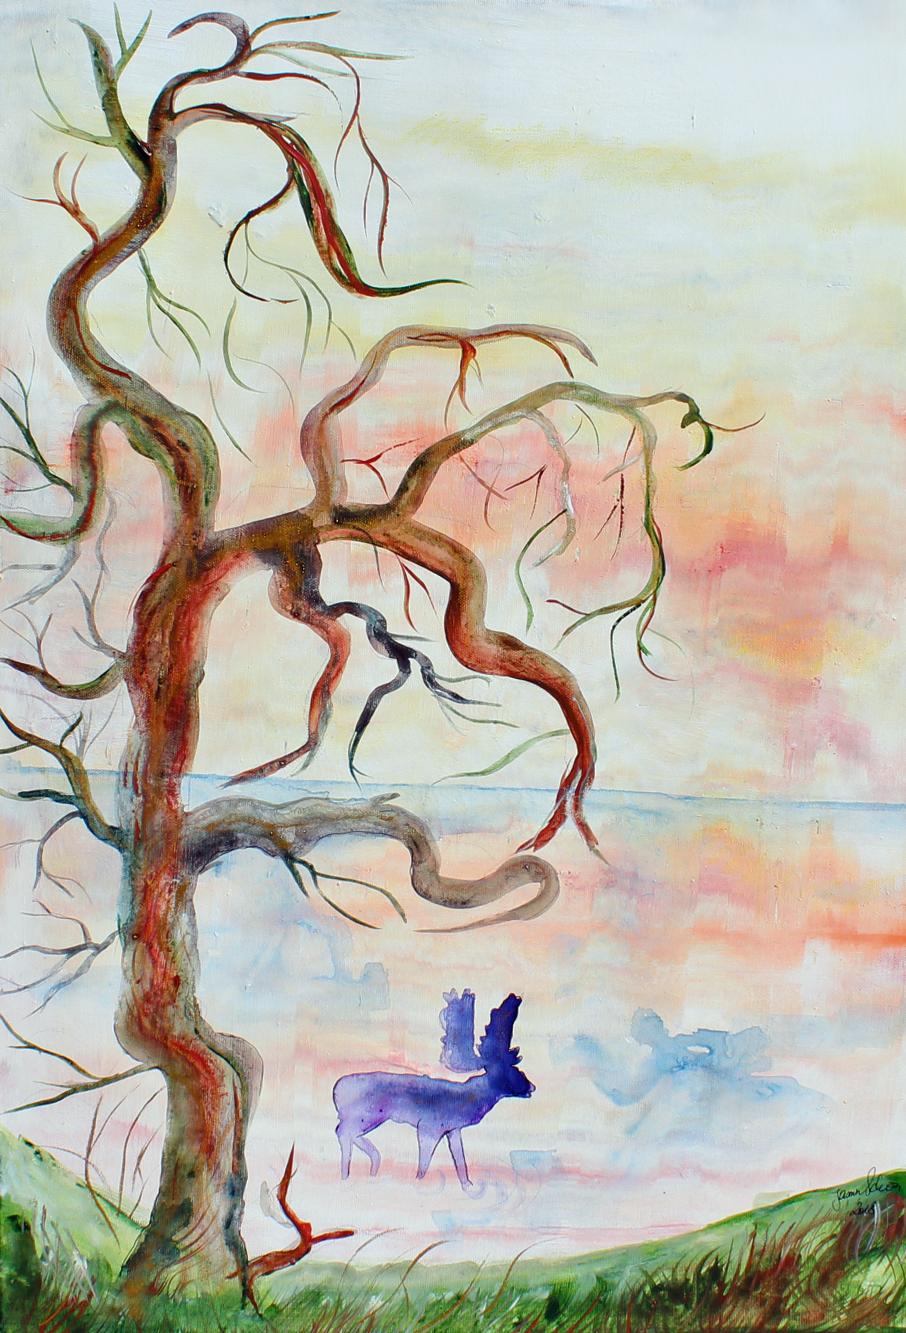 Der Morgenspaziergang 2, Acryl auf Leinwand, 70 x 50 cm